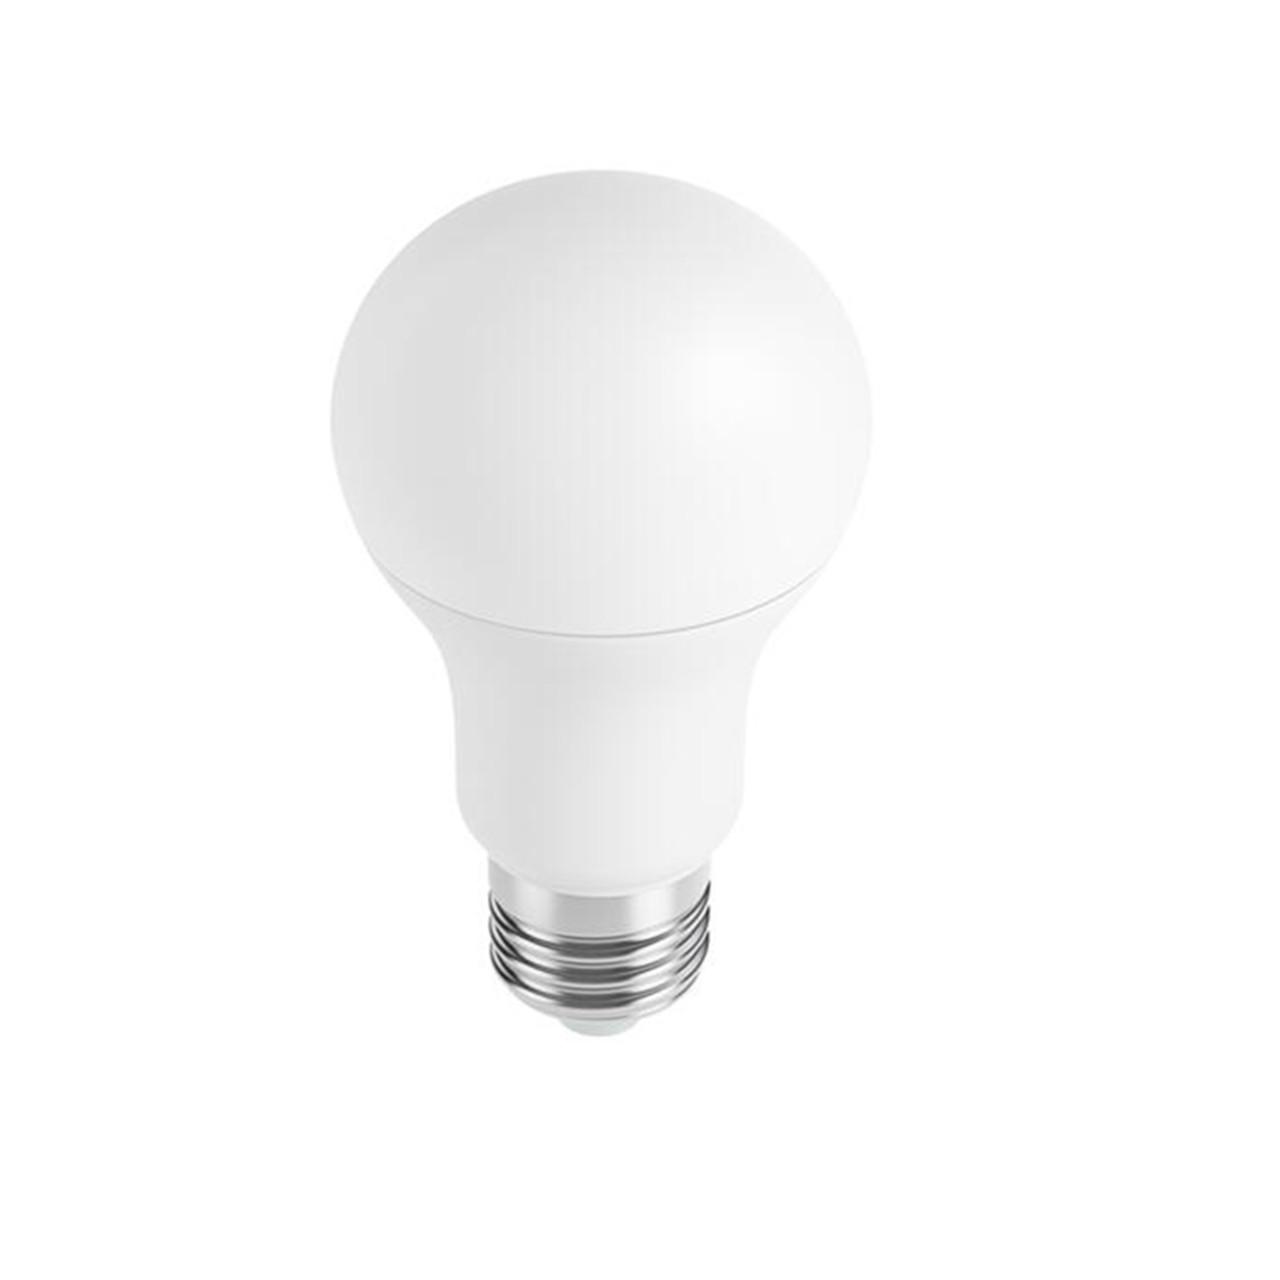 Лампочка Philips Zhirui LED Wi-Fi Smart Bulb E27 для умного смарт дома (3630-10304)